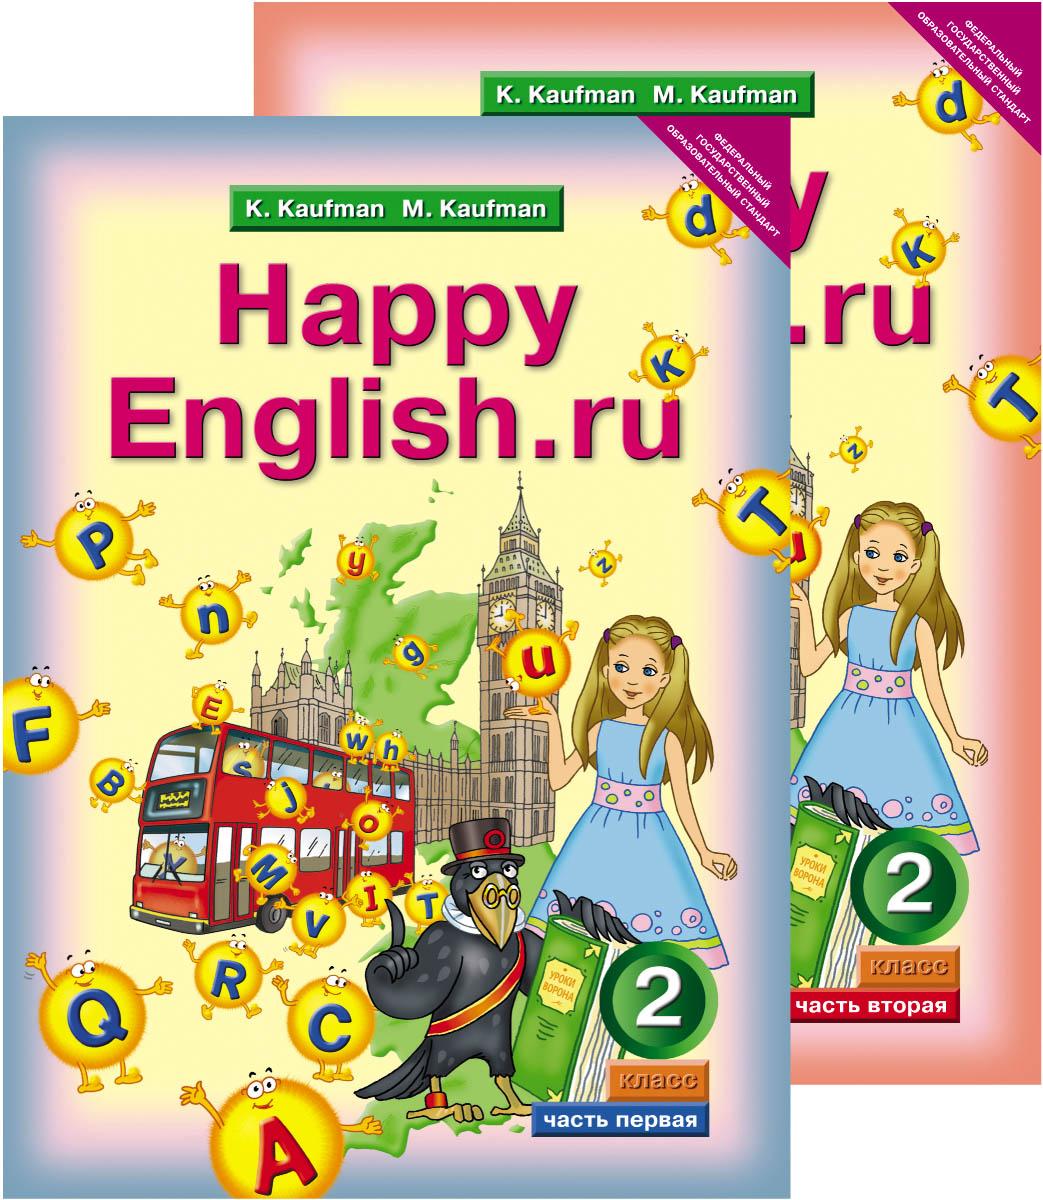 К. И. Кауфман, М. Ю. Кауфман Английский язык. Счастливый английский. ру. 2 класс. Учебник. В 2 частях (комплект)